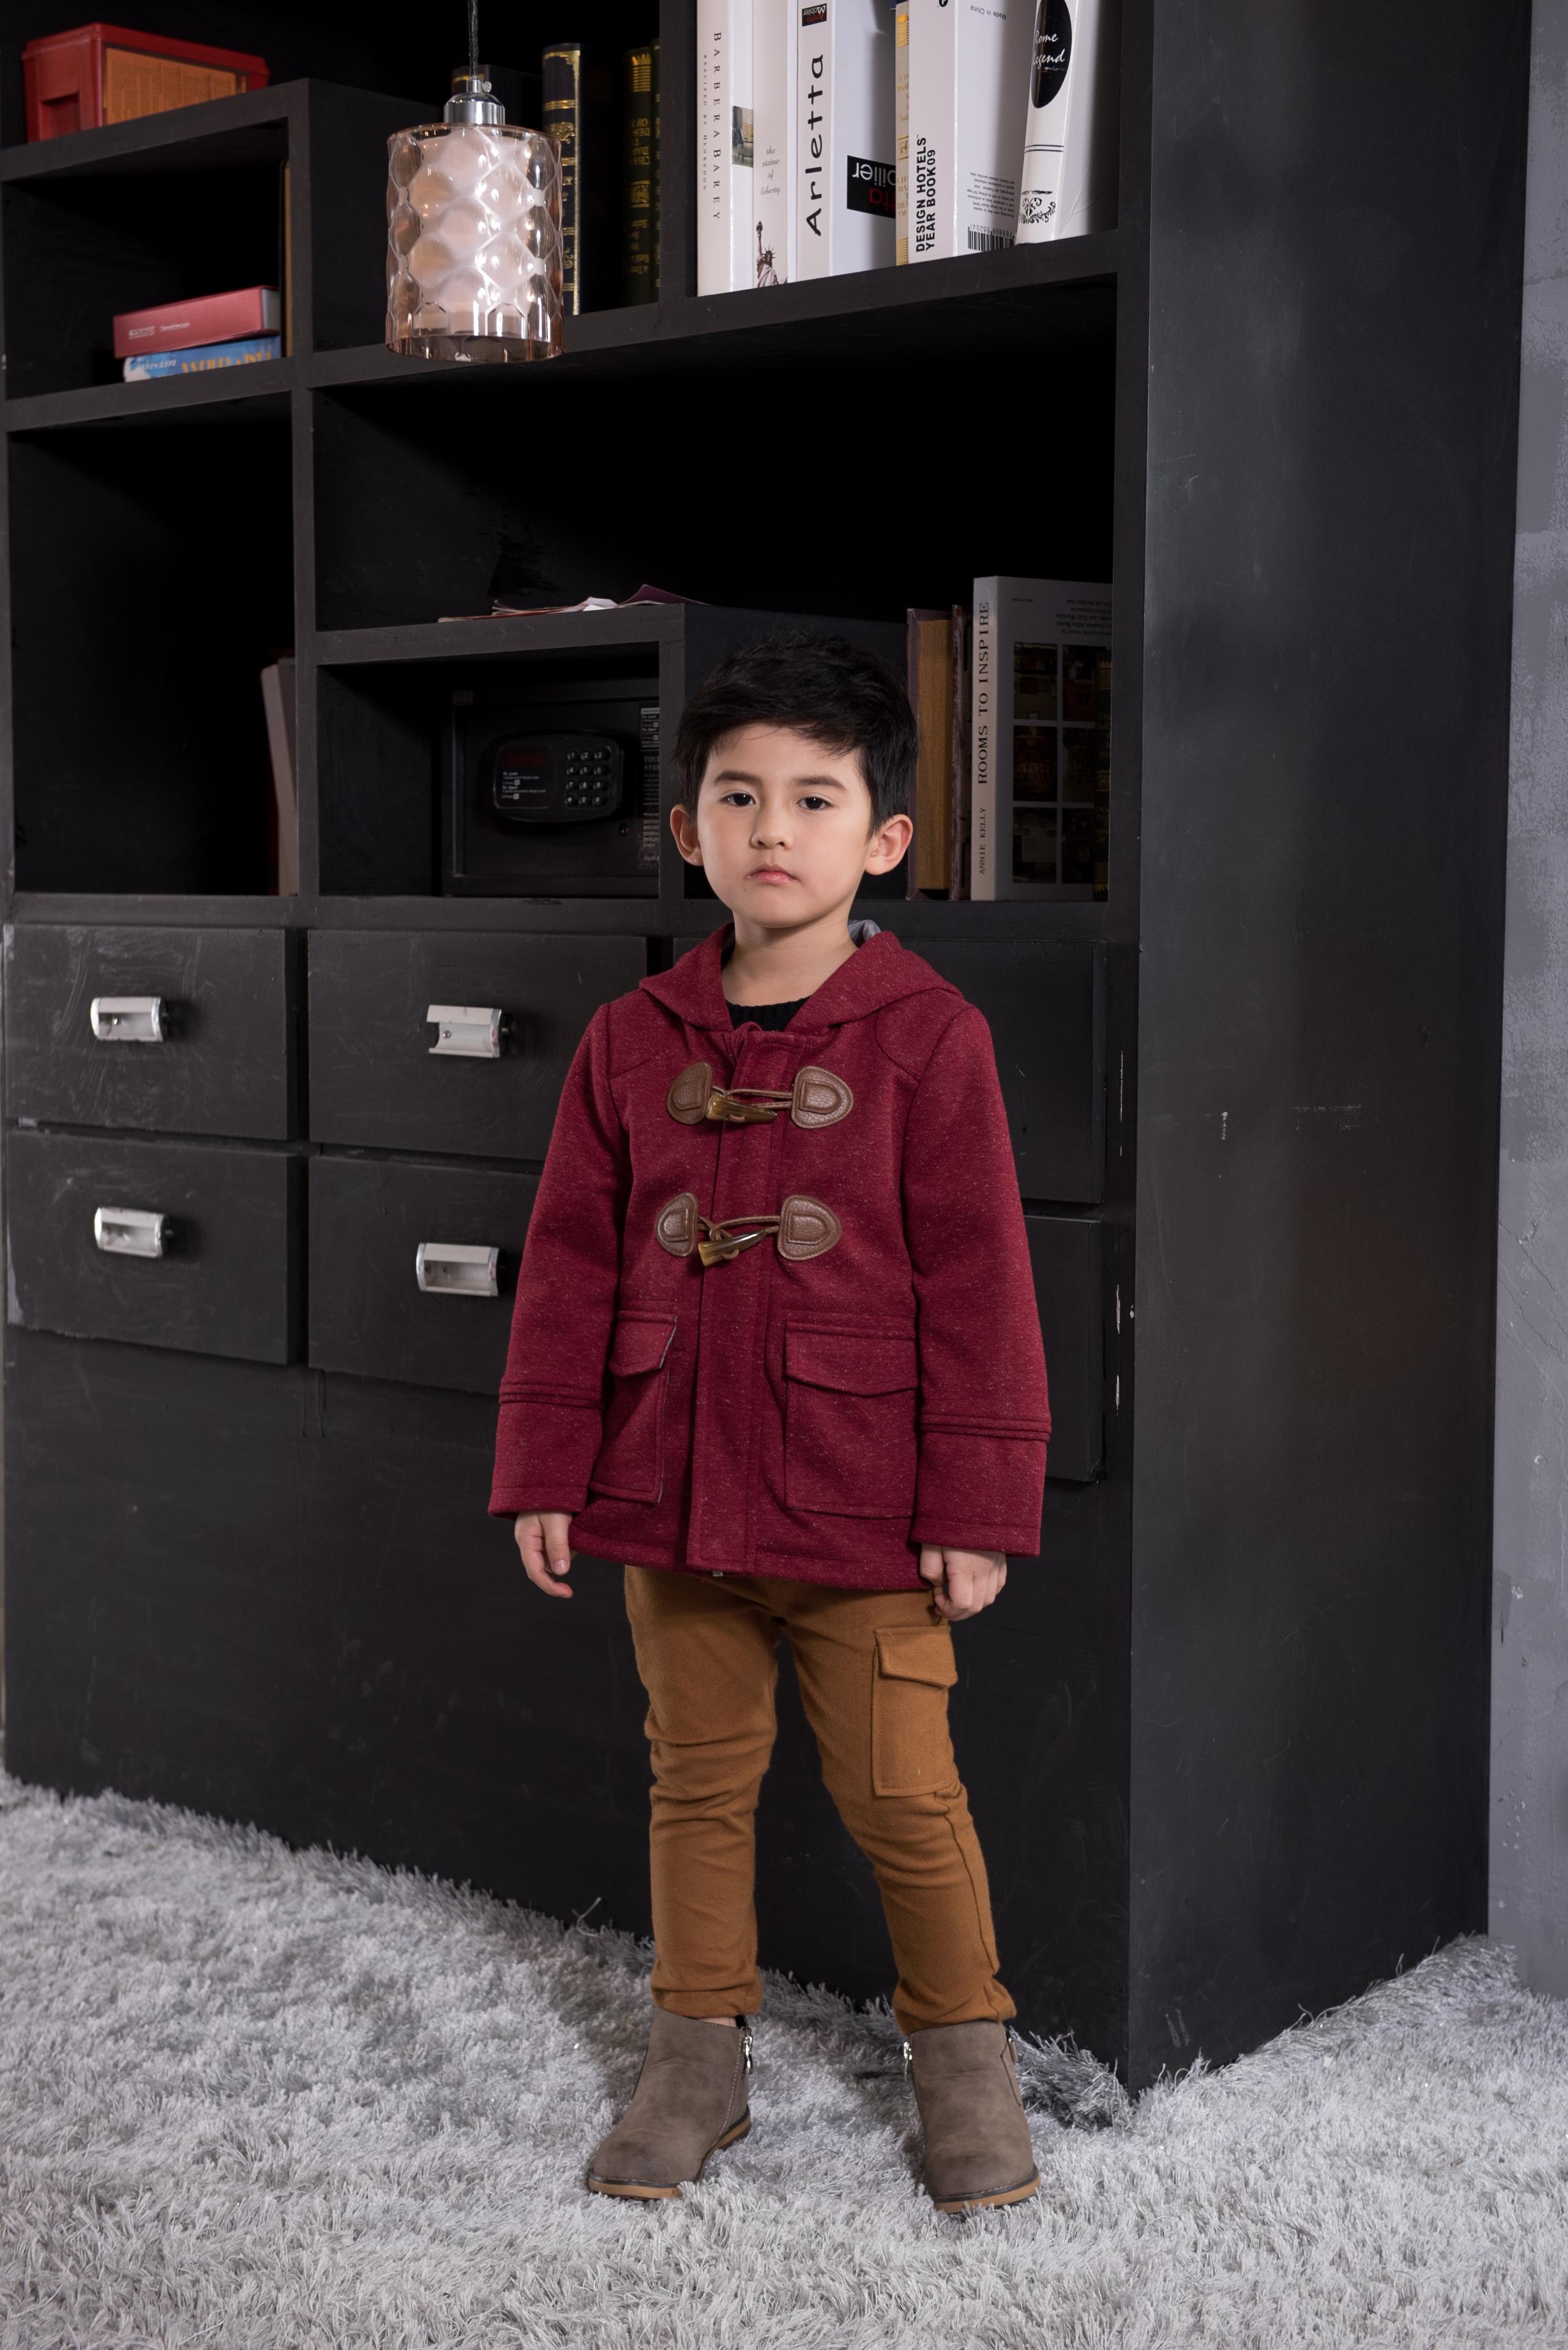 广州呢大衣外套定制厂家 广州深红色童装呢大衣外套批发 广州呢大衣外套厂家直销 呢大衣外套--童装深红色